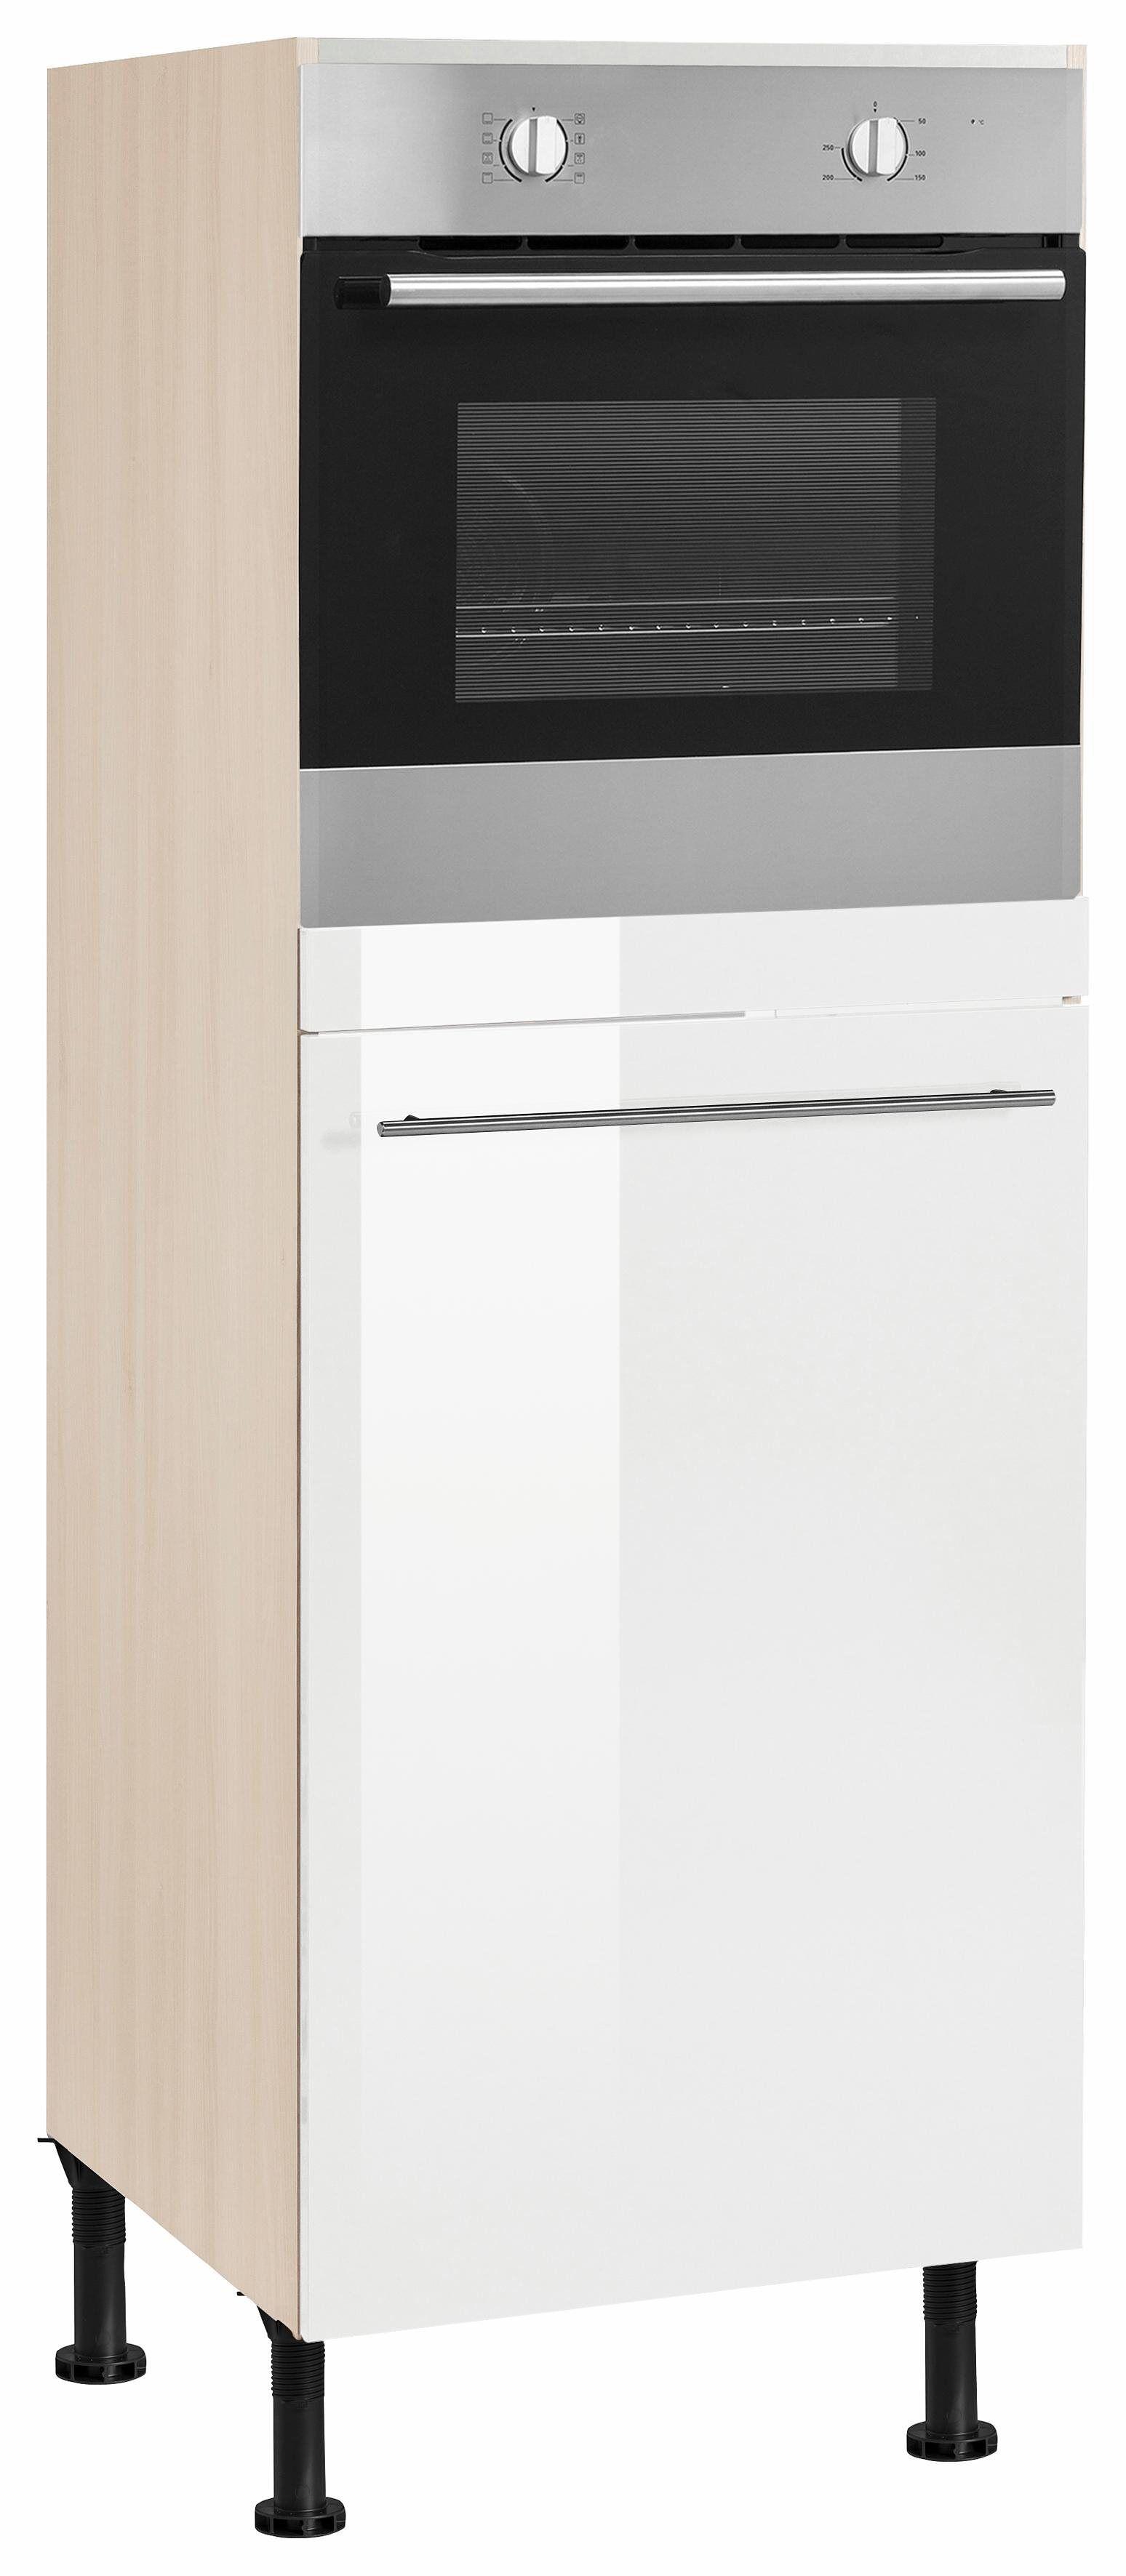 OPTIFIT Backofen/Kühlumbauschrank »Bern« 60 cm breit, 176 cm hoch, mit höhenverstellbaren Stellfüßen, mit Metallgriff, weiß Hochglanz/akaziefarben